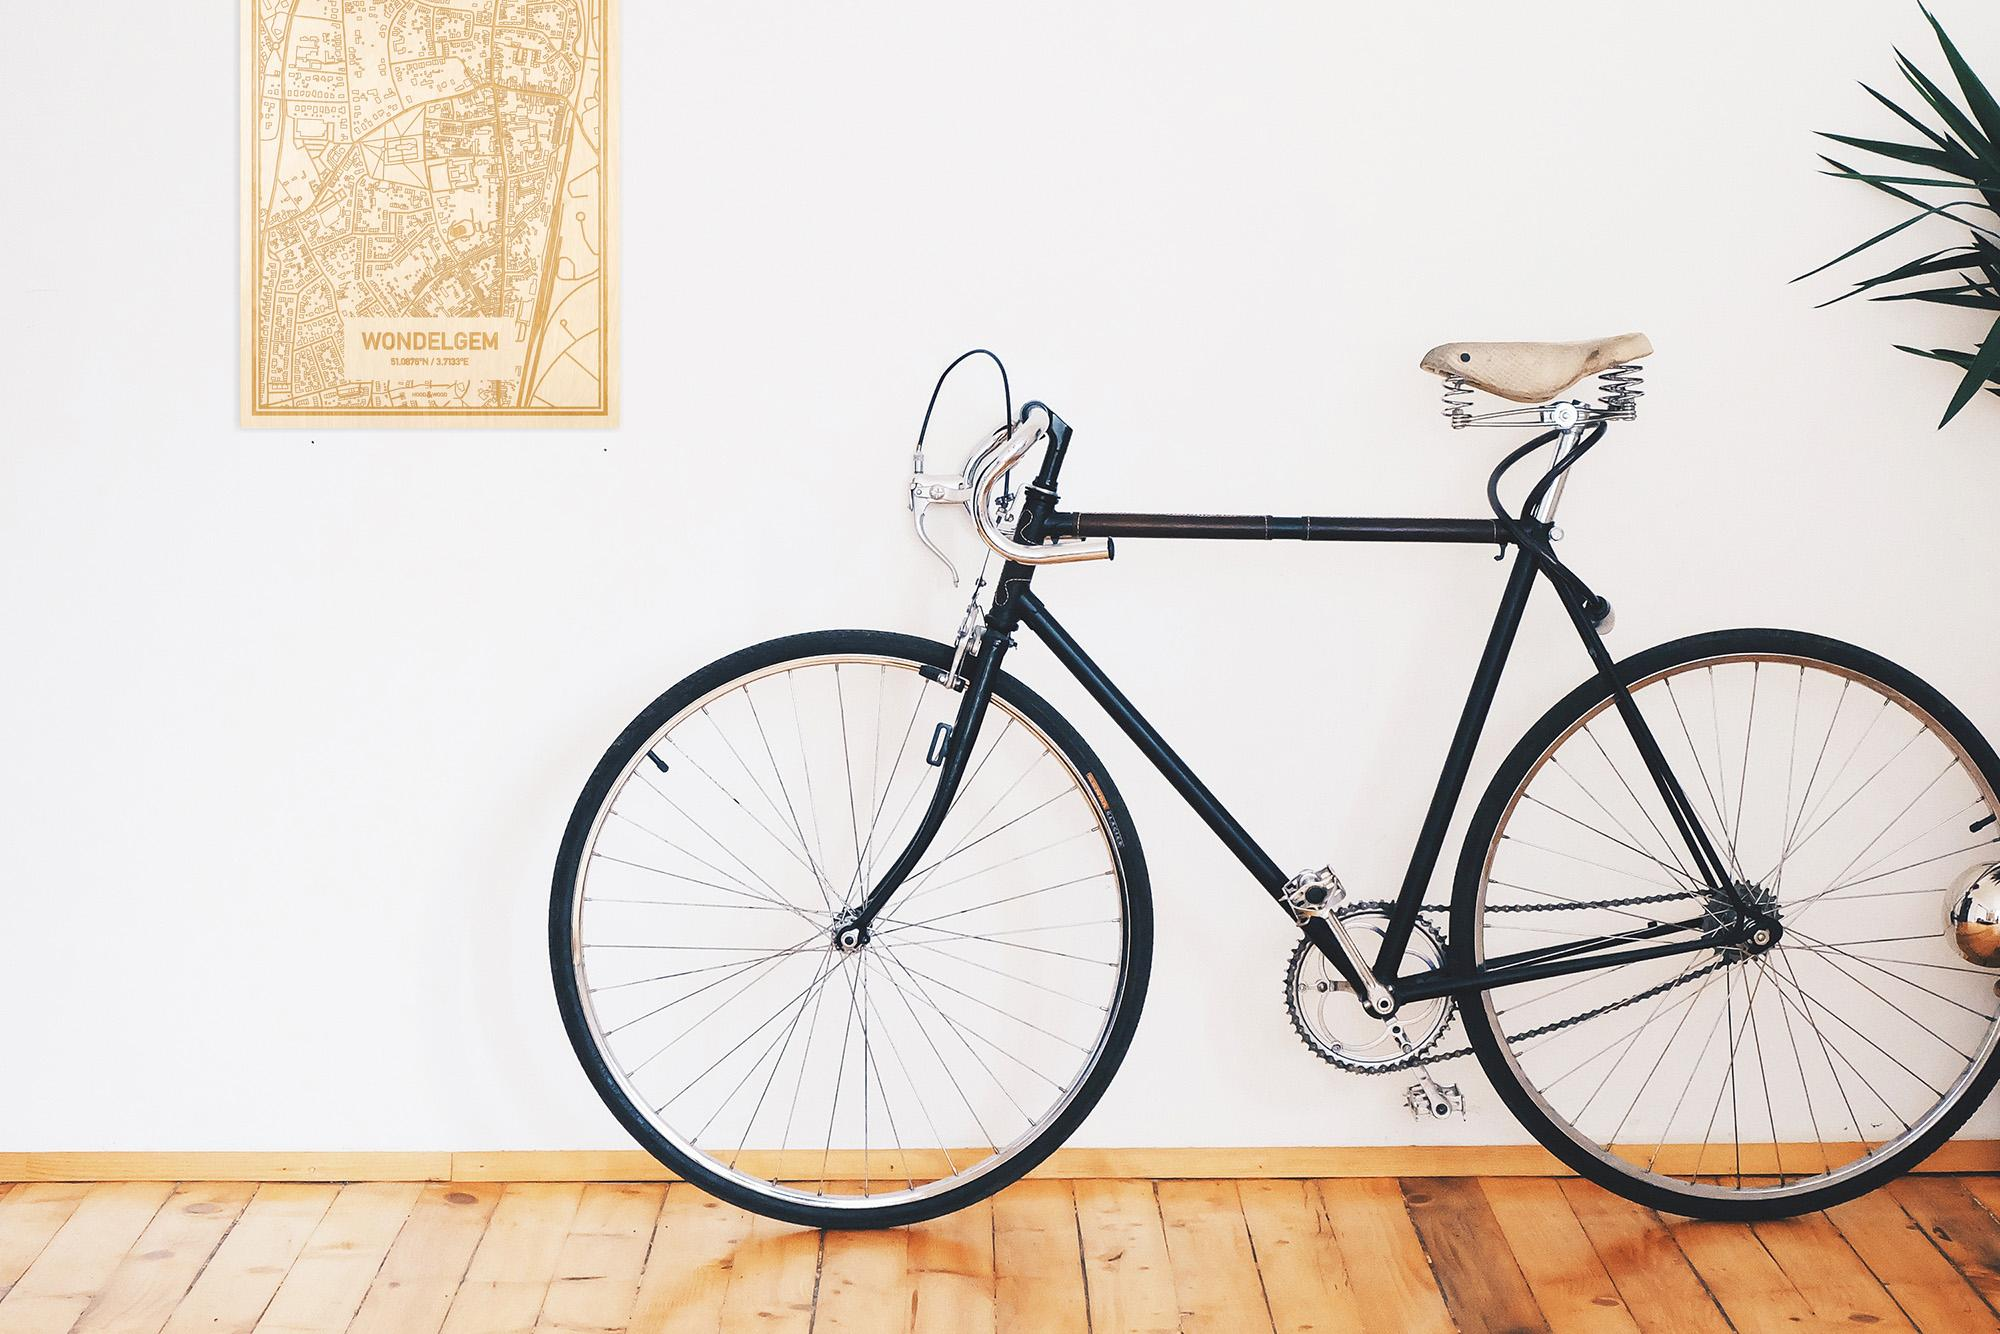 Een snelle fiets in een uniek interieur in Oost-Vlaanderen  met mooie decoratie zoals de plattegrond Wondelgem.